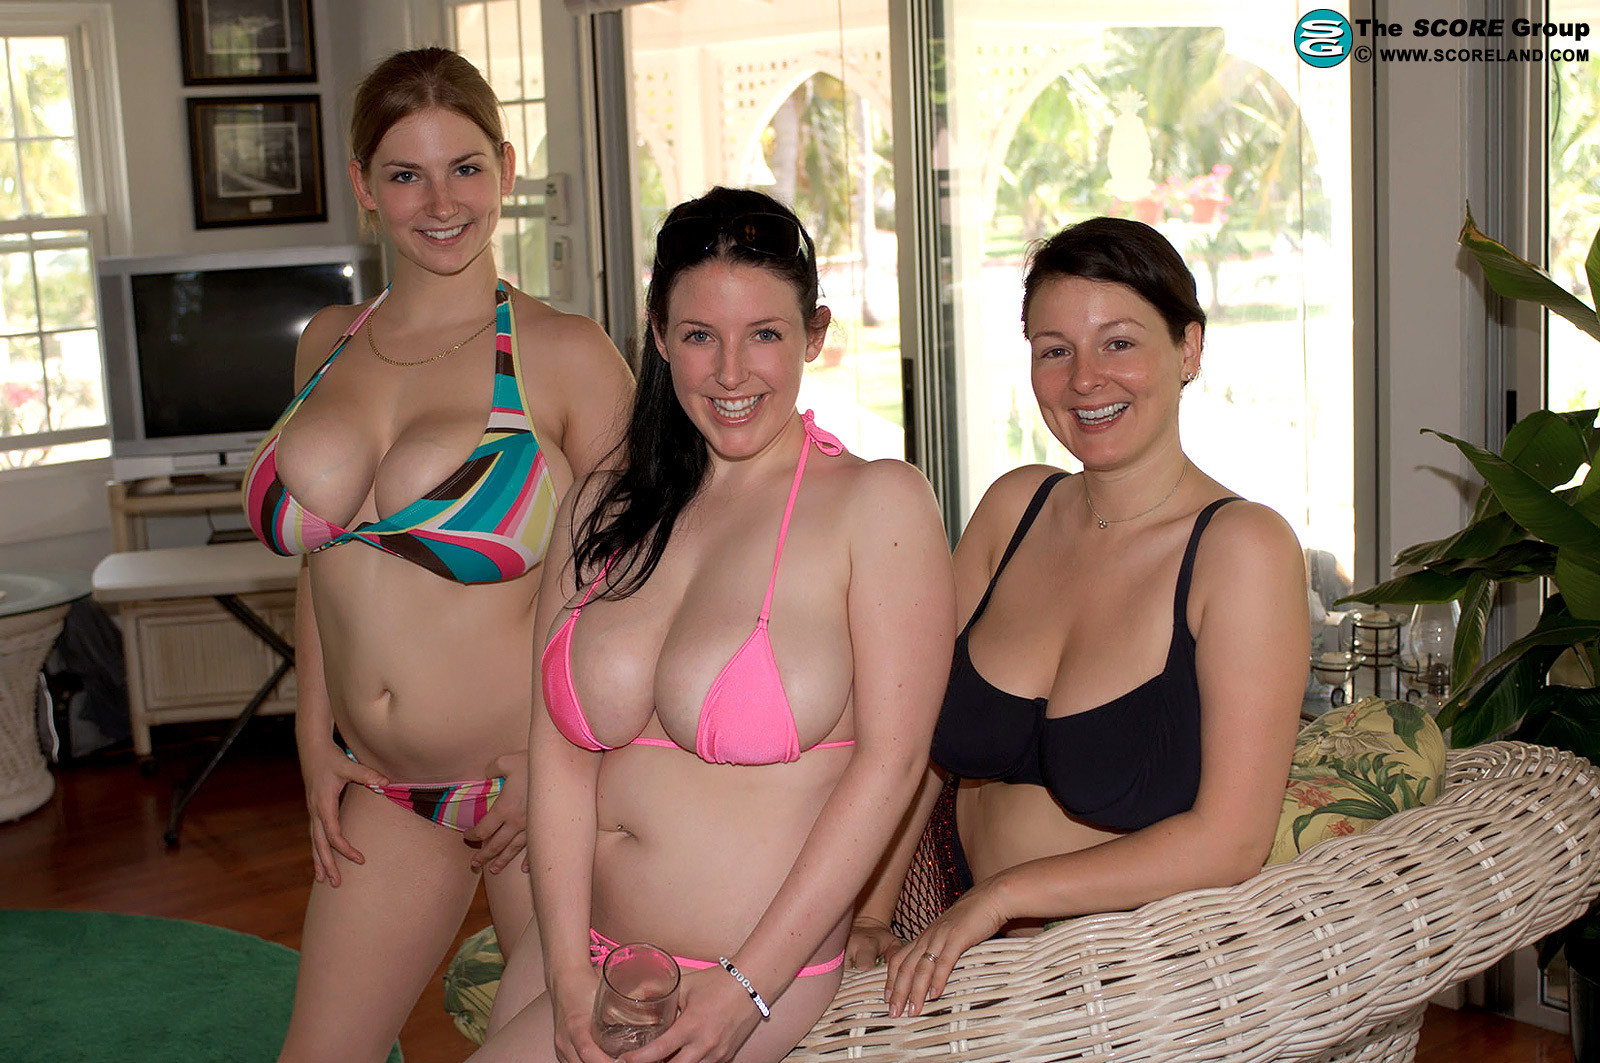 Взрослые женщины в купальниках и без них